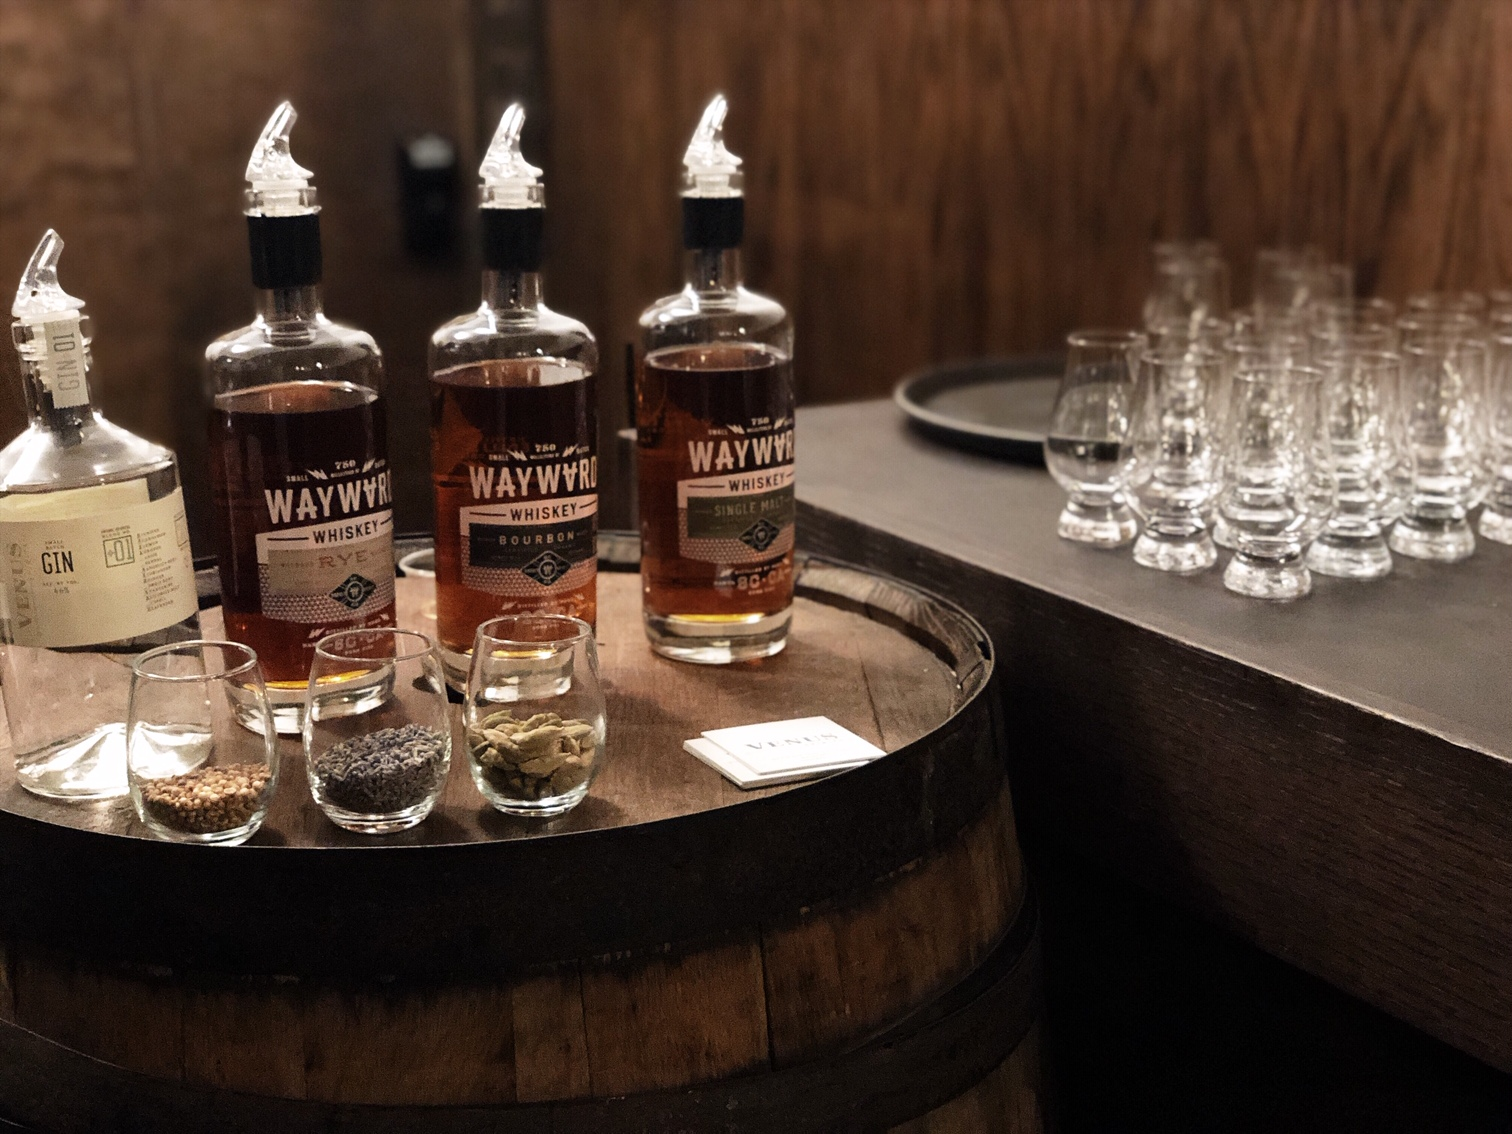 Wayward Whiskey product lineup